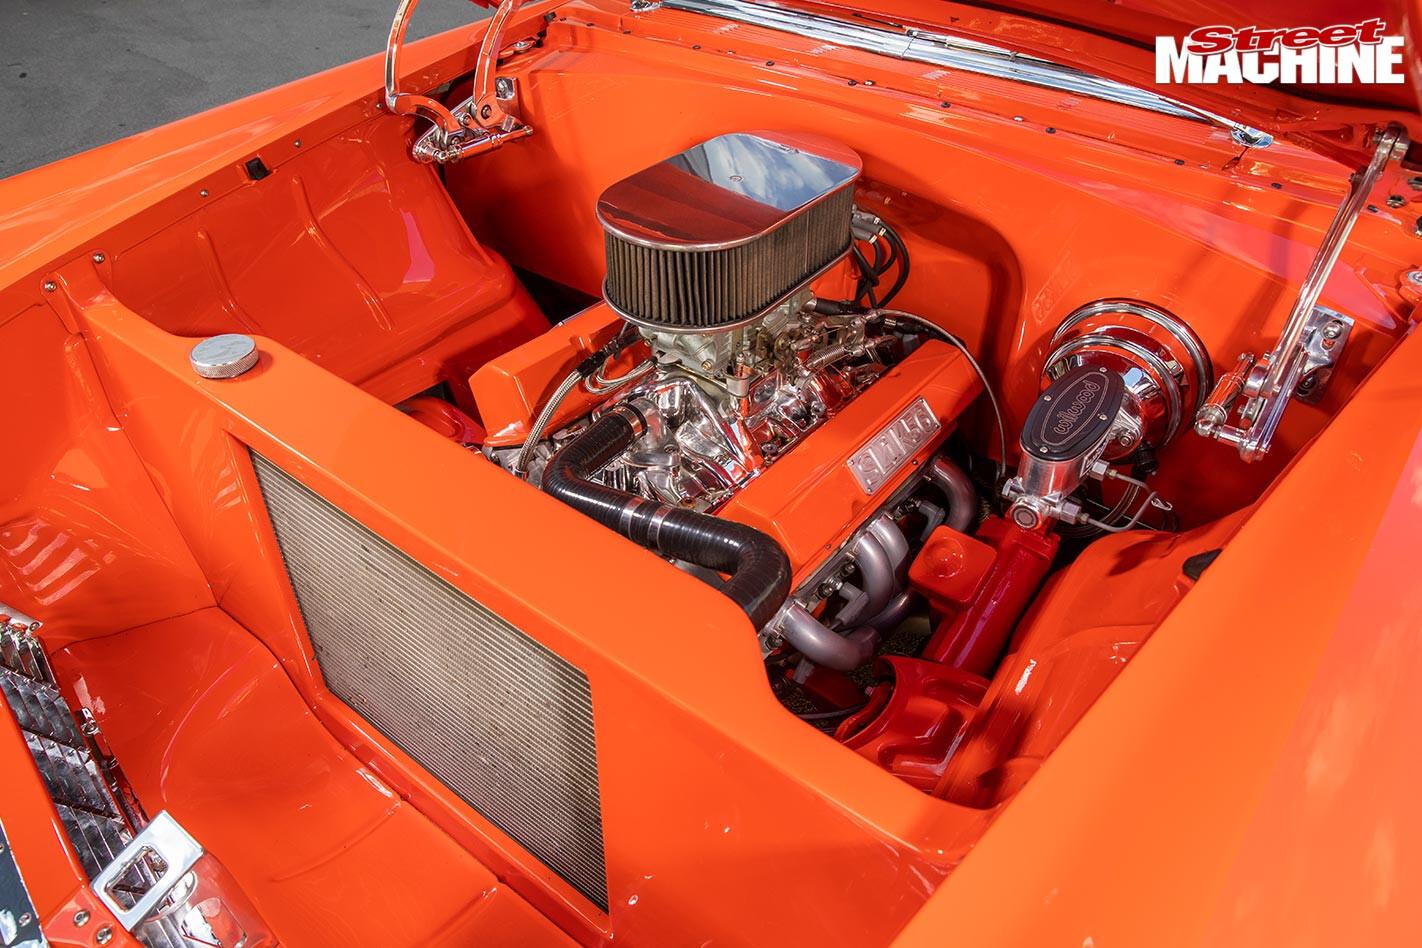 Chev 210 engine bay